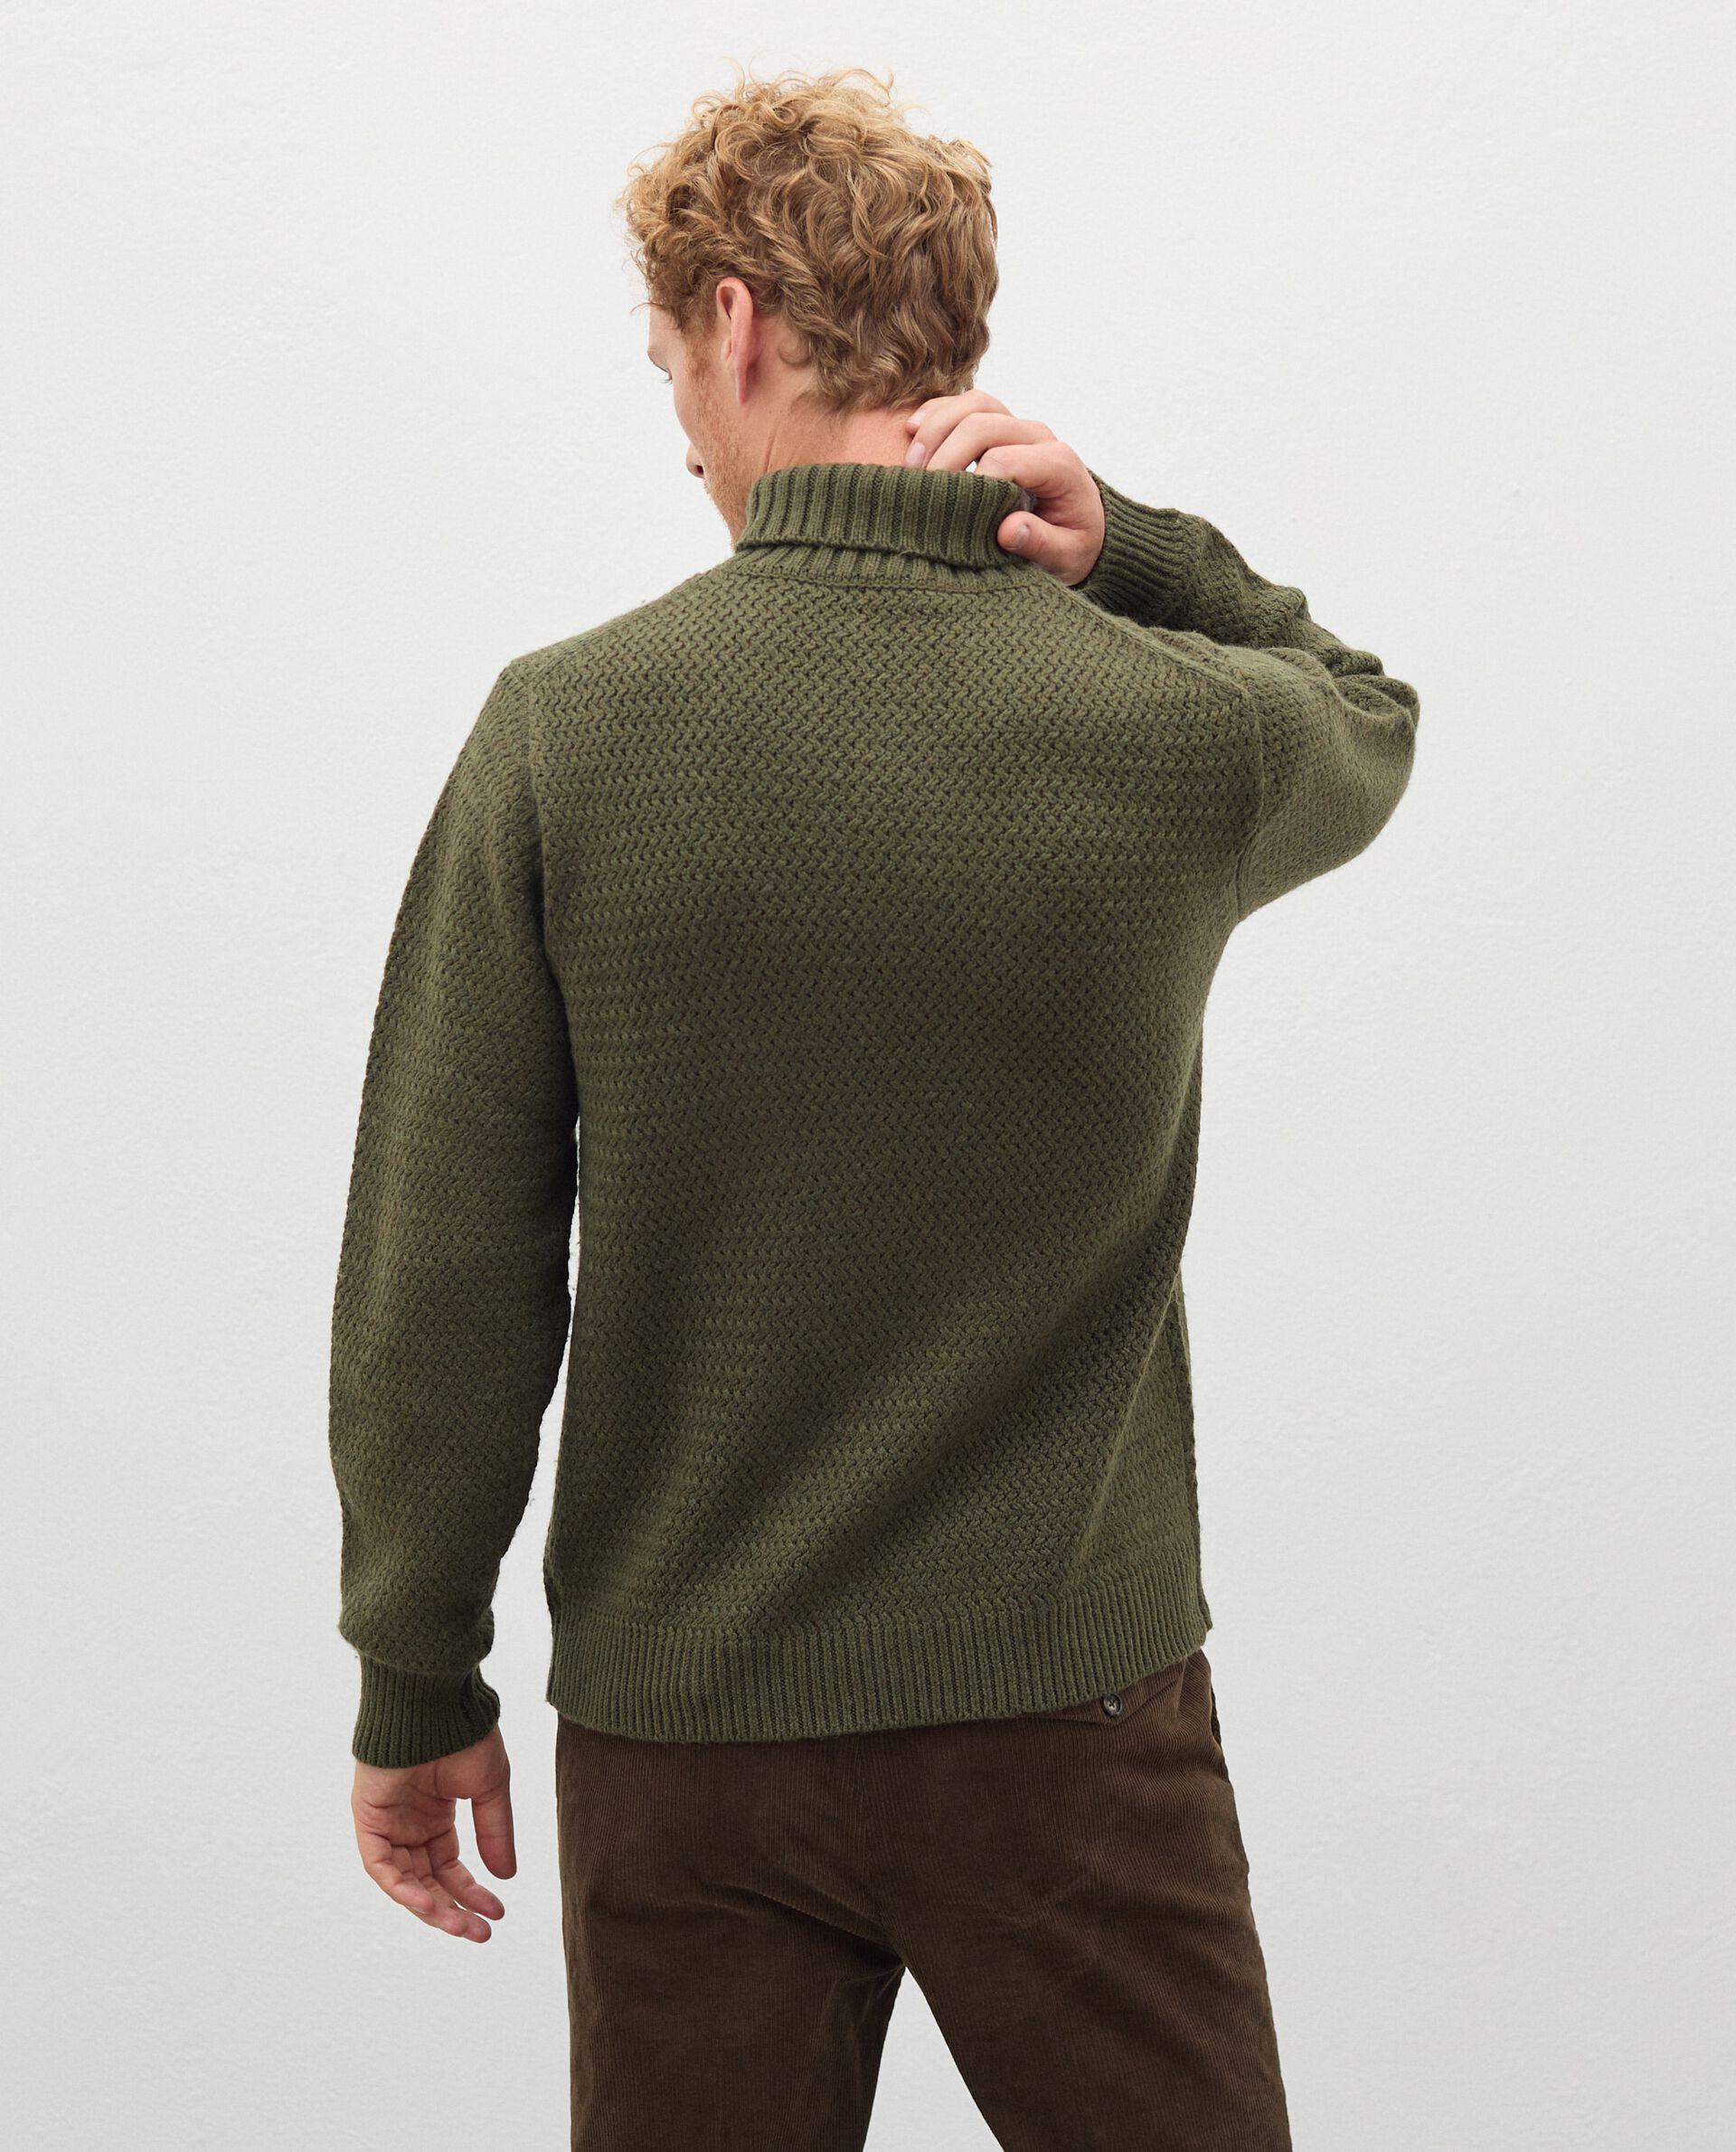 Maglione a collo alto in lana misto cashmere uomo